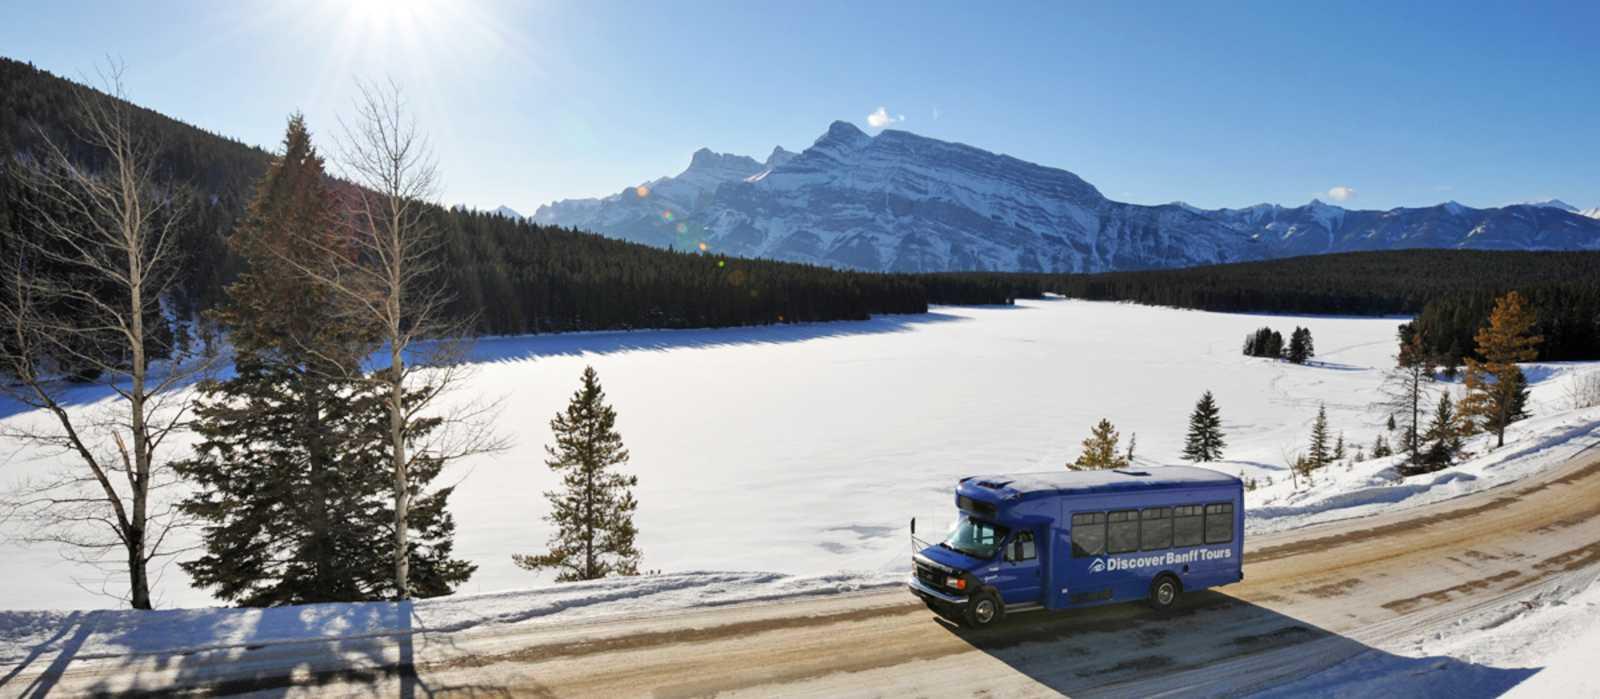 Mit dem Bus unterwegs auf der Banff and its Wildlife Tour in Alberta, British Columbia